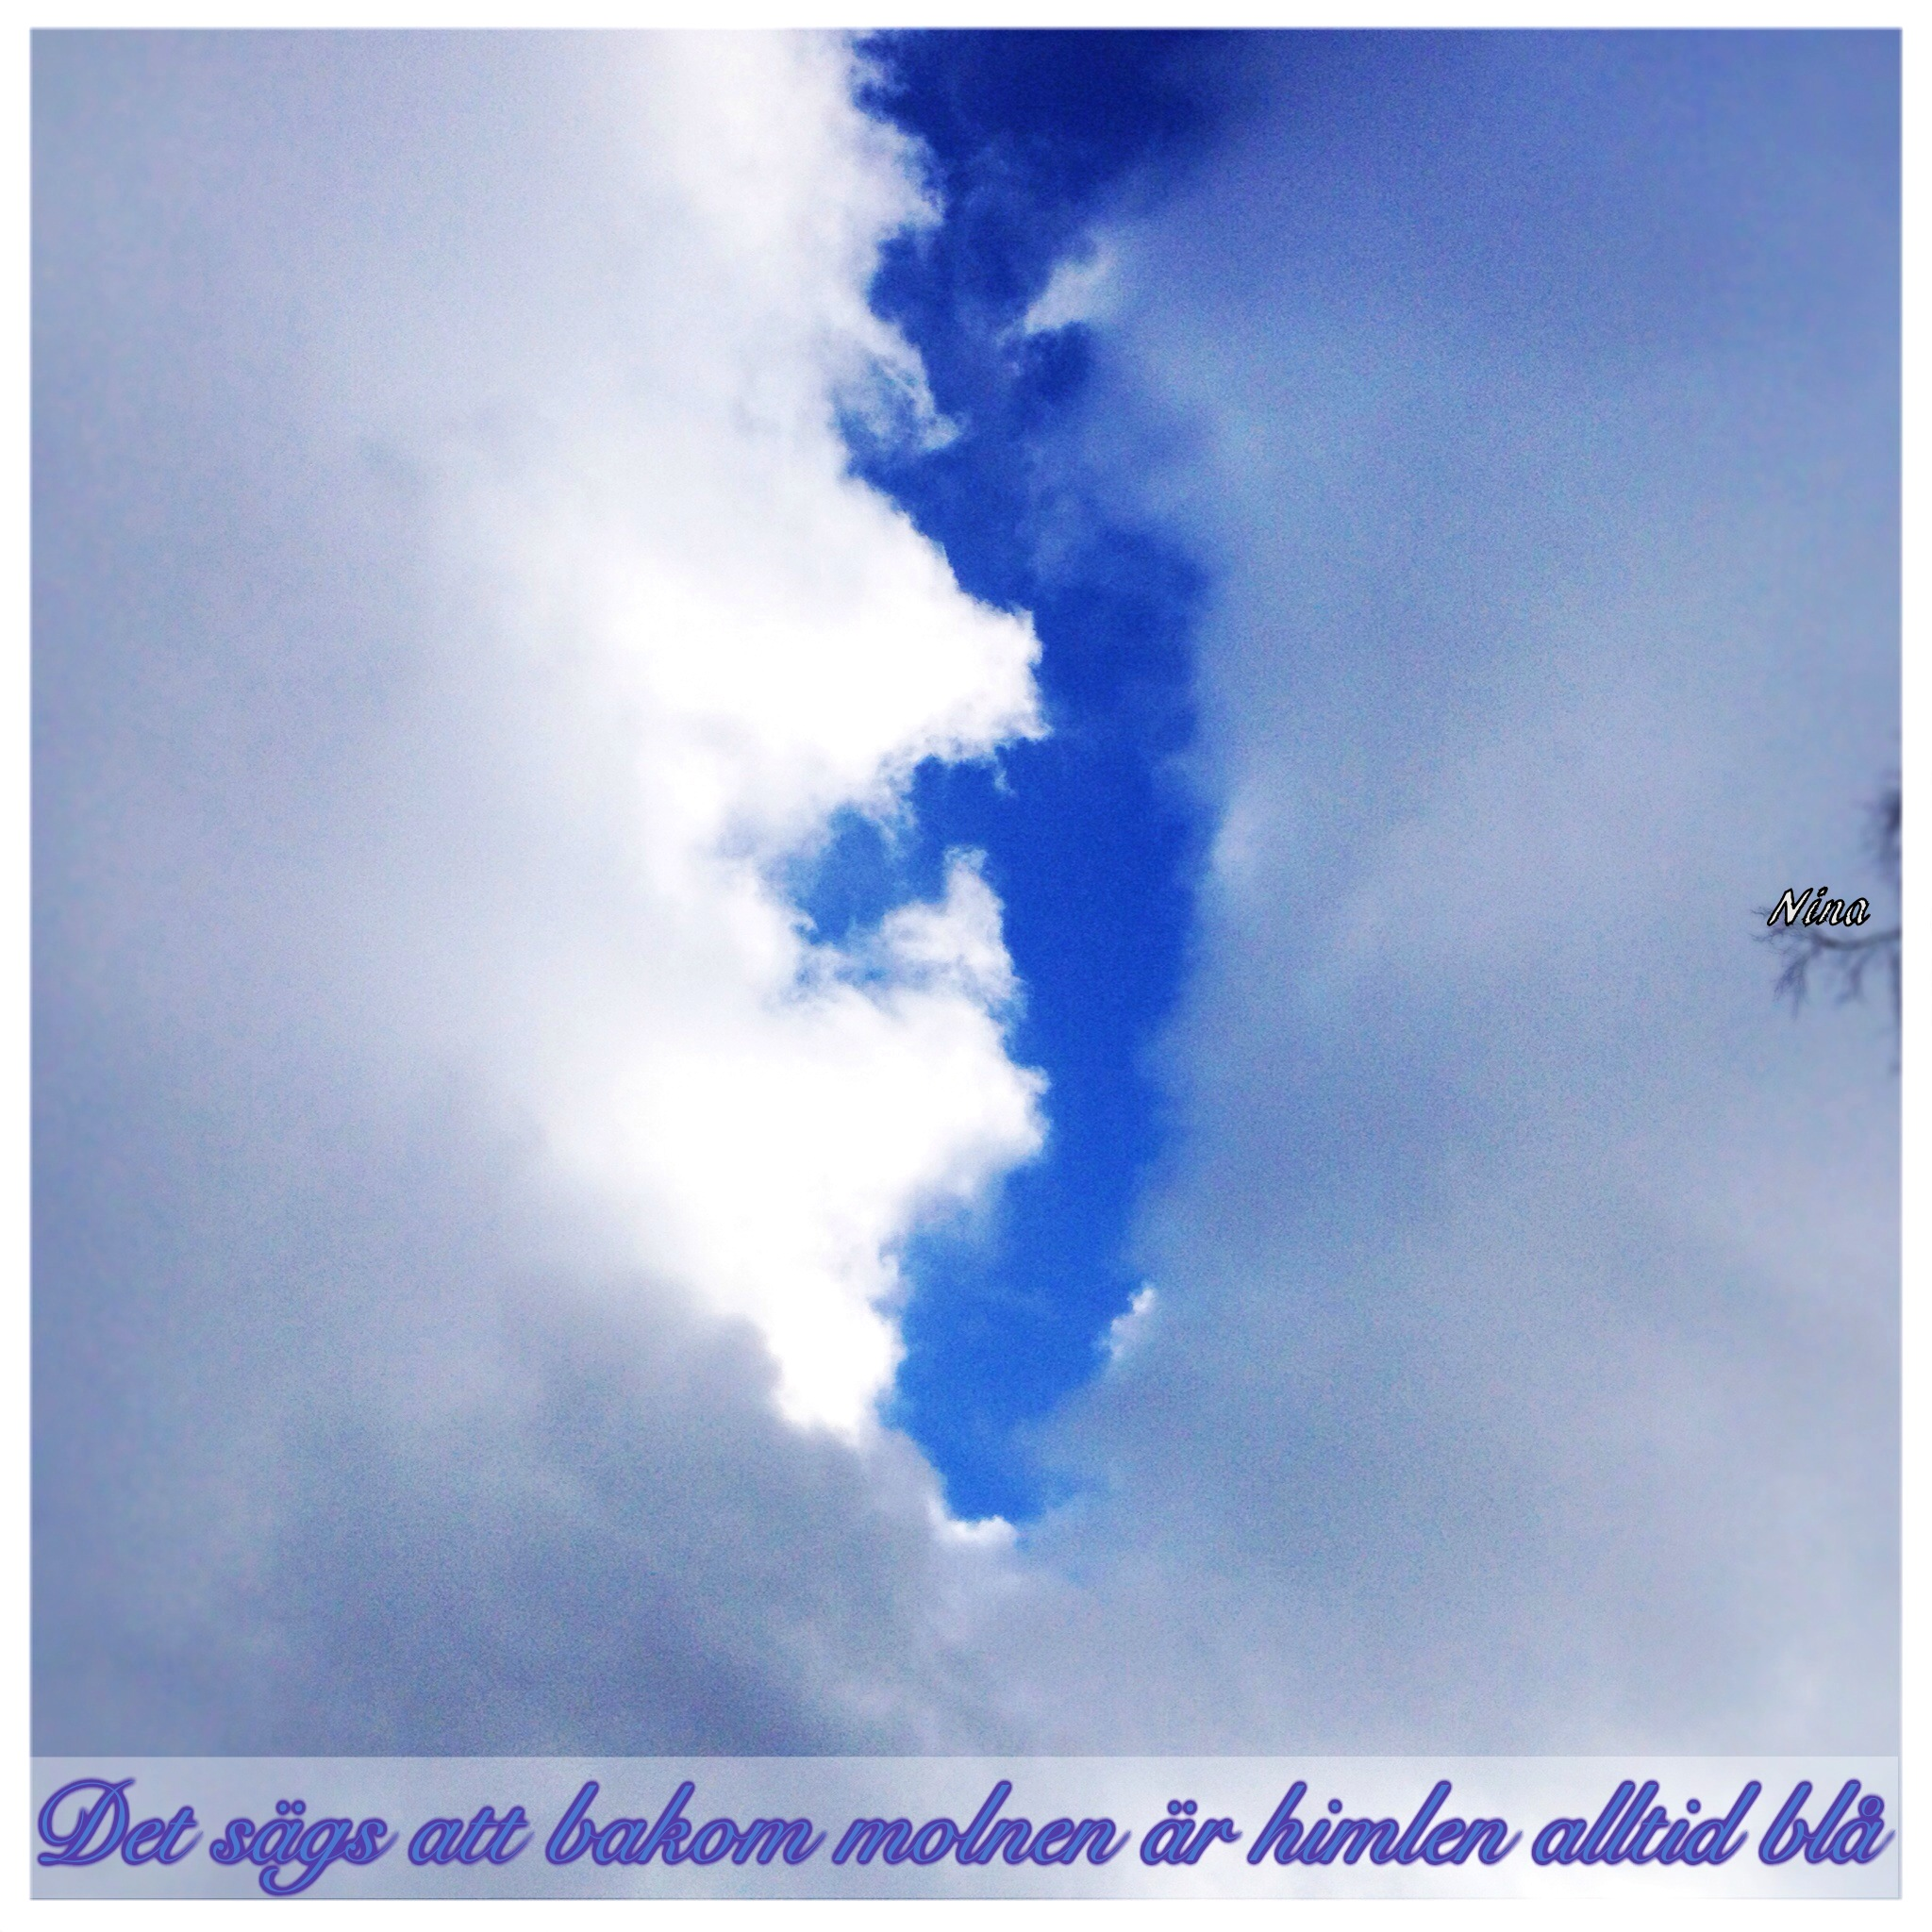 Bakom molnen är himlen alltid blå. Det är sant, jag har bevittnat det själv.